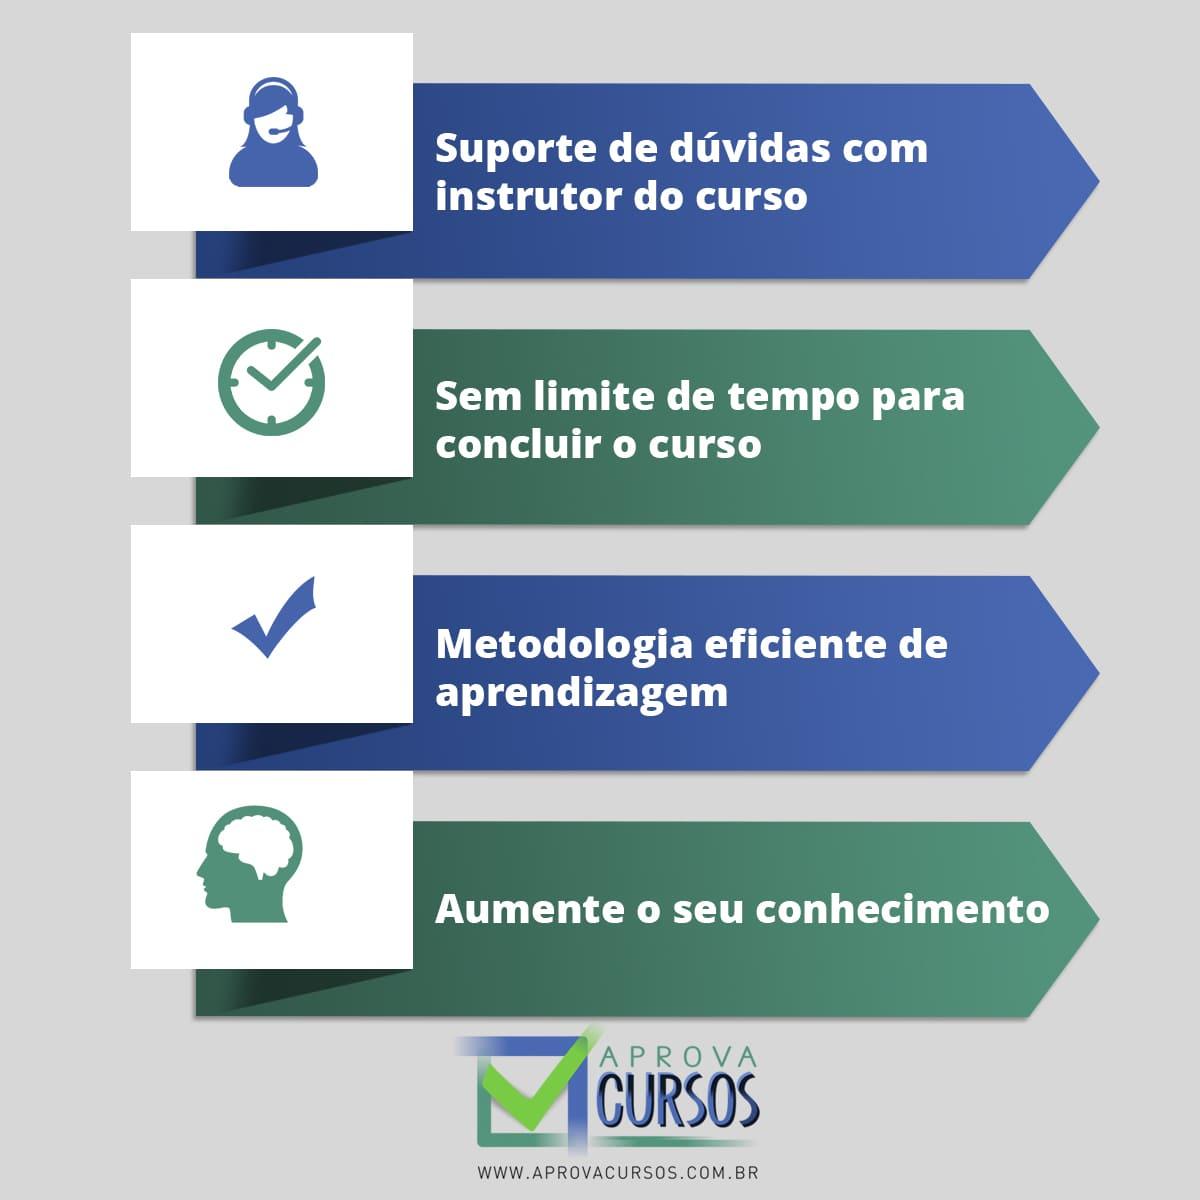 Curso Online de Preparo de Saladas e Carnes para o Churrasco com Certificado  - Aprova Cursos